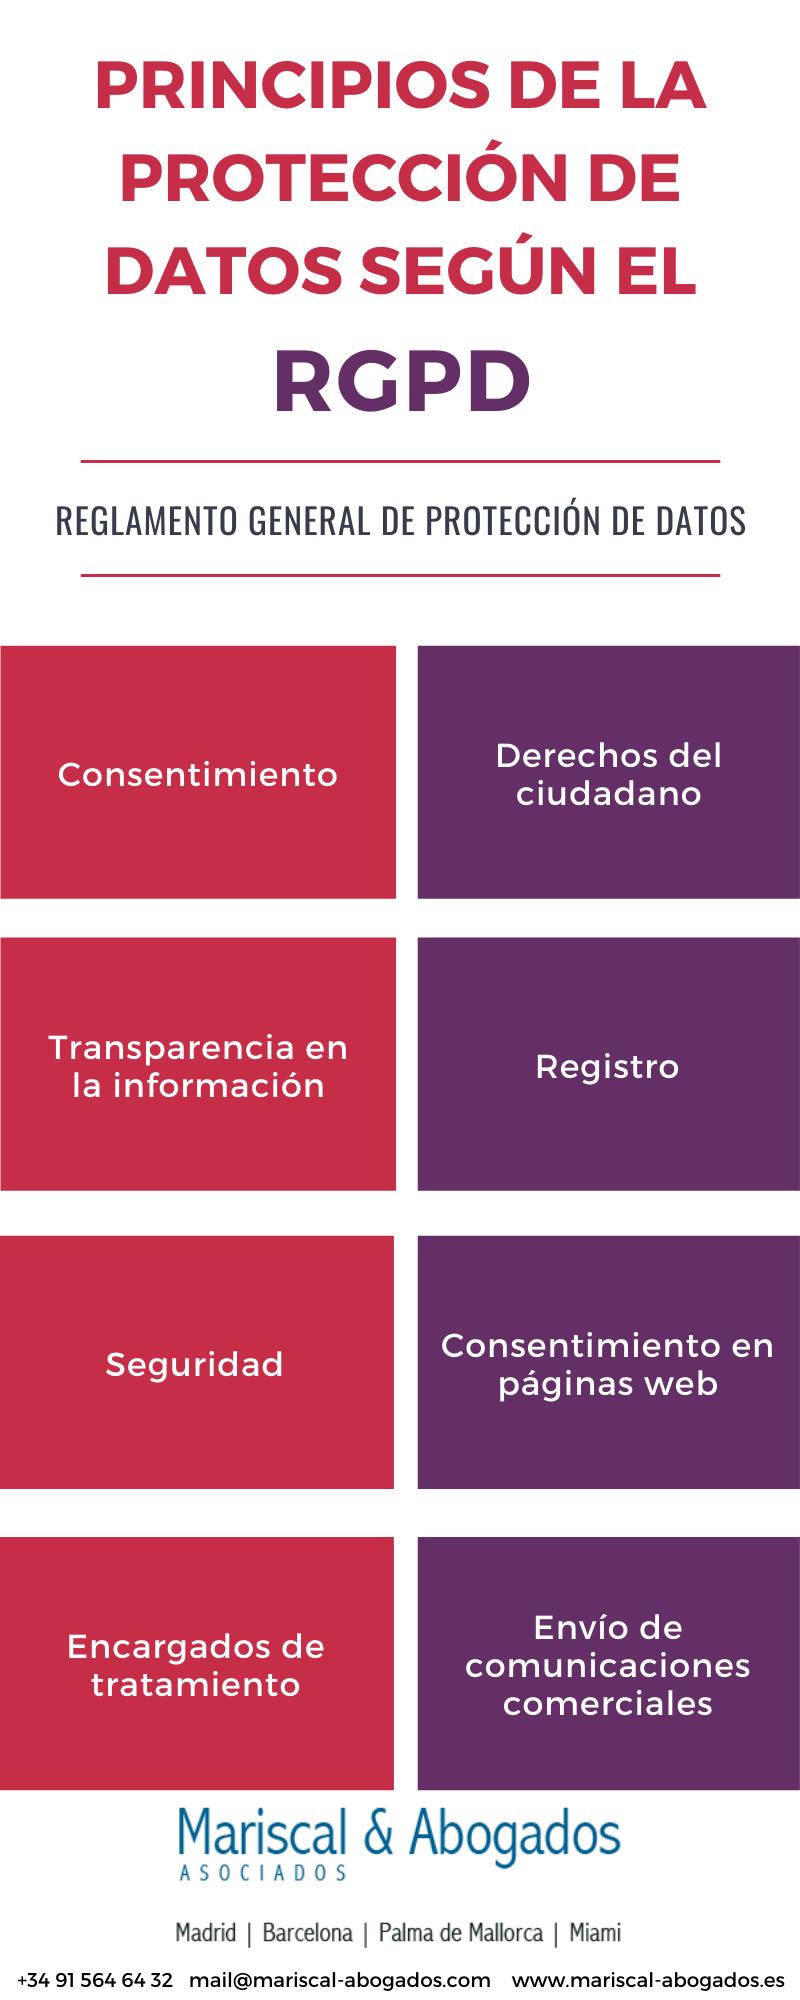 28 2018 Principios de la protección de datos según el RGPD